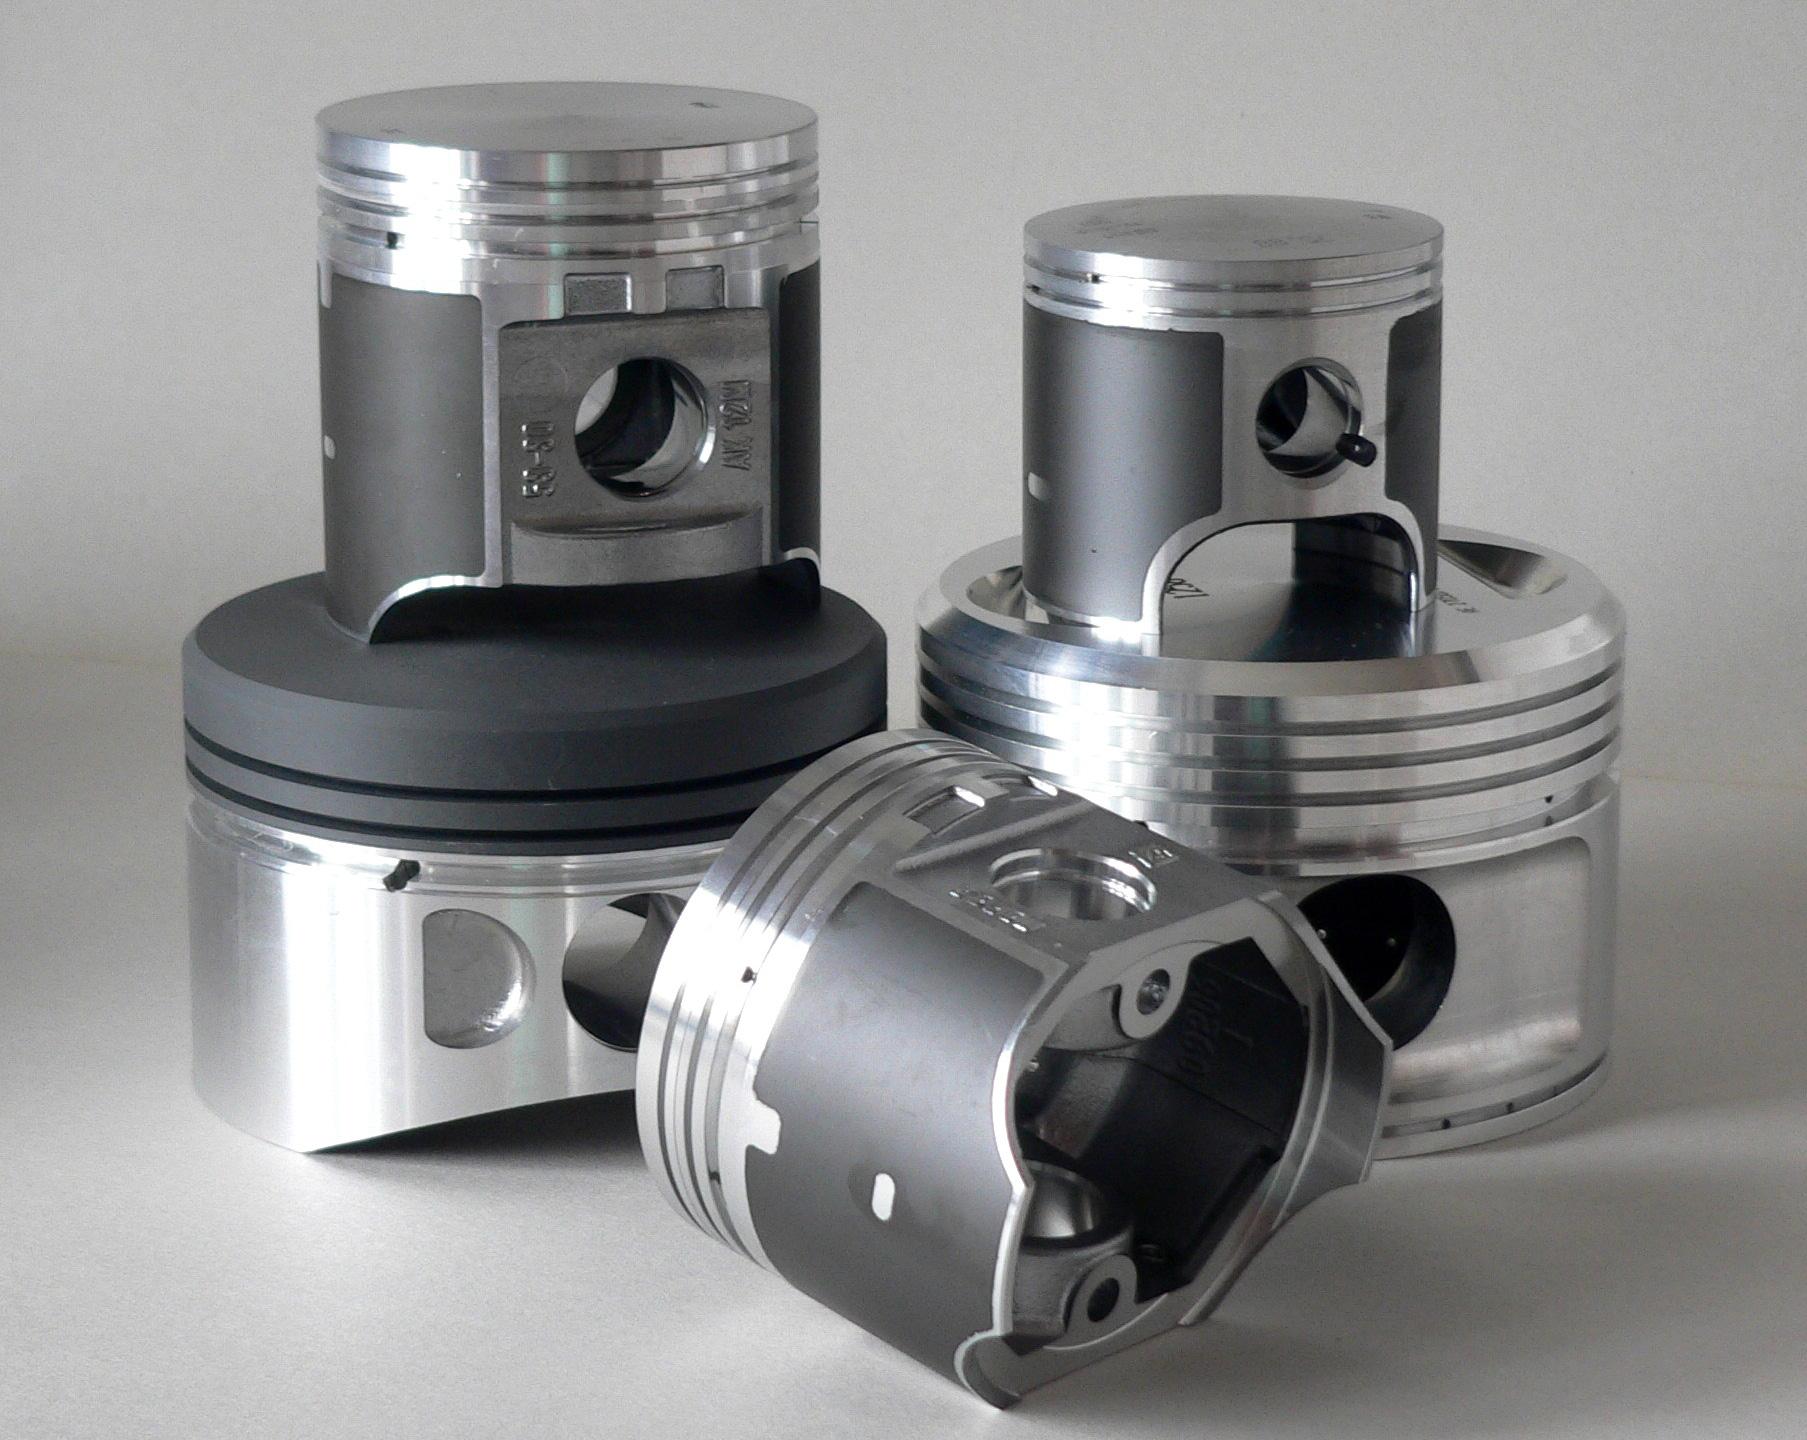 ALMET Aluminium pistons